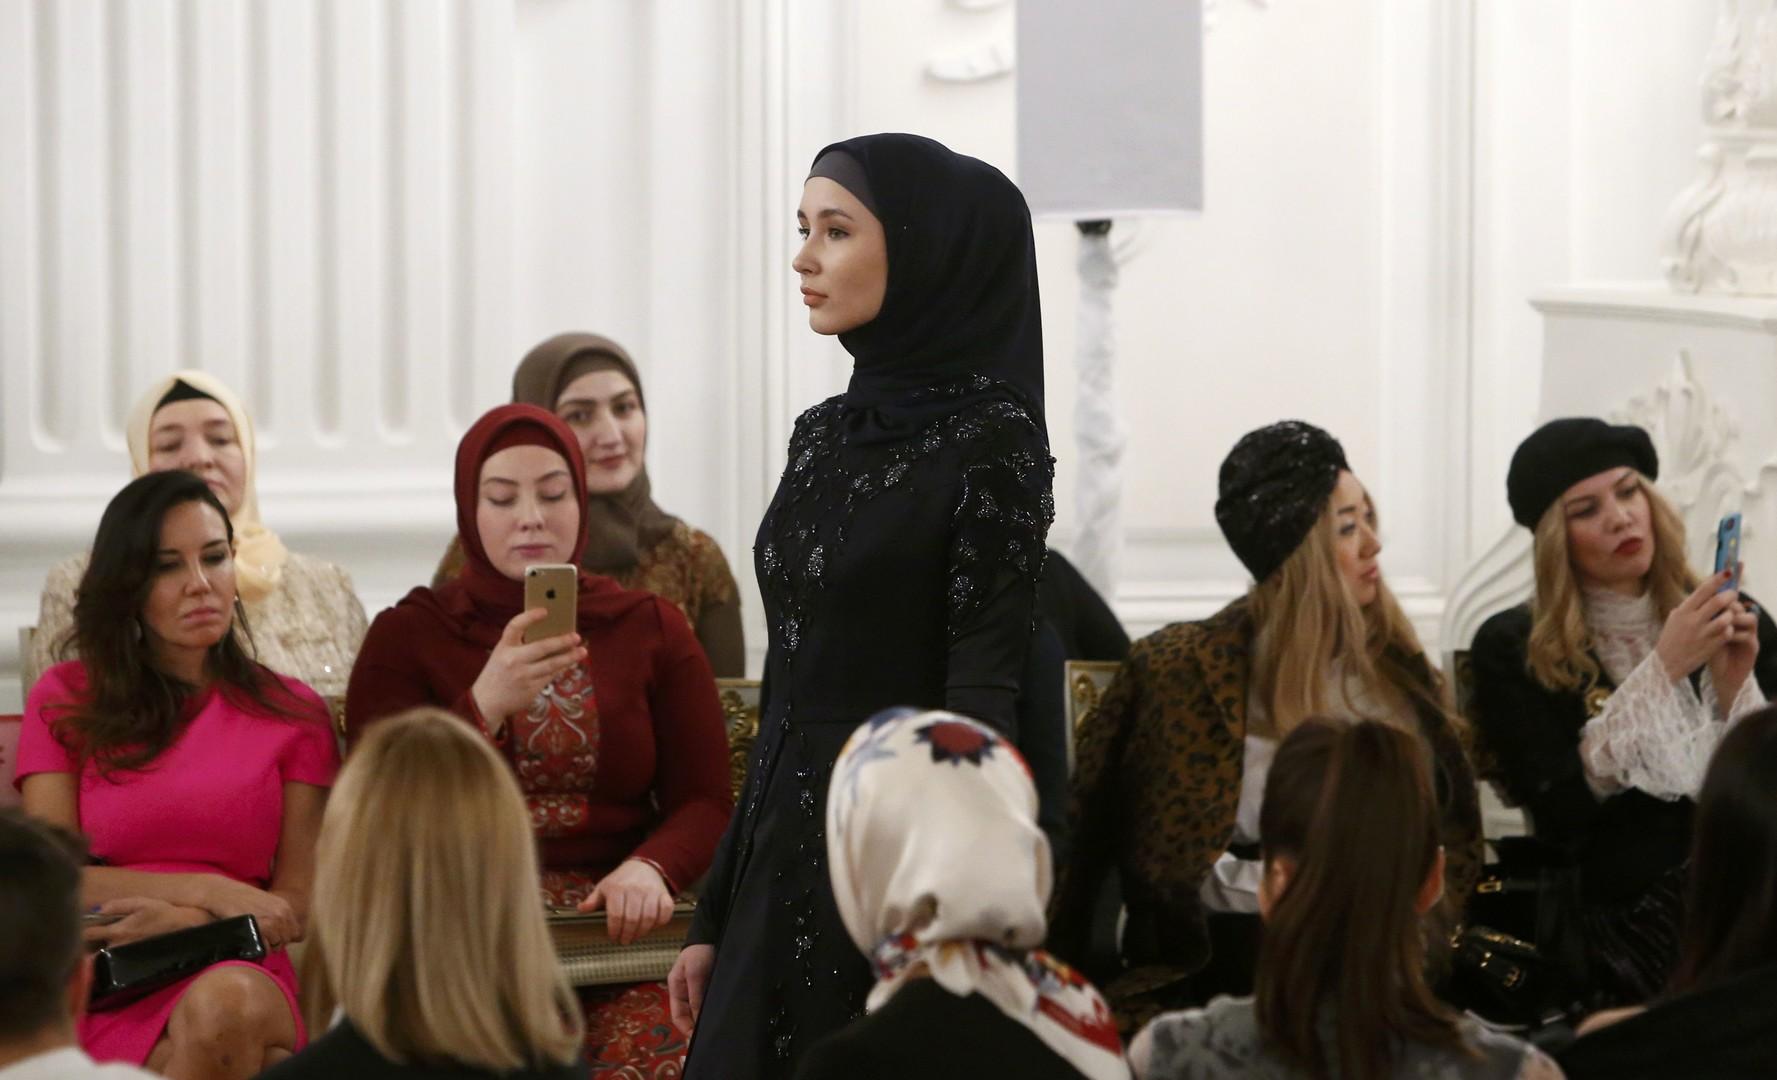 Hijabs Haute couture: Ramsan Kadyrows Tochter präsentiert eigene Mode-Kollektion in Moskau